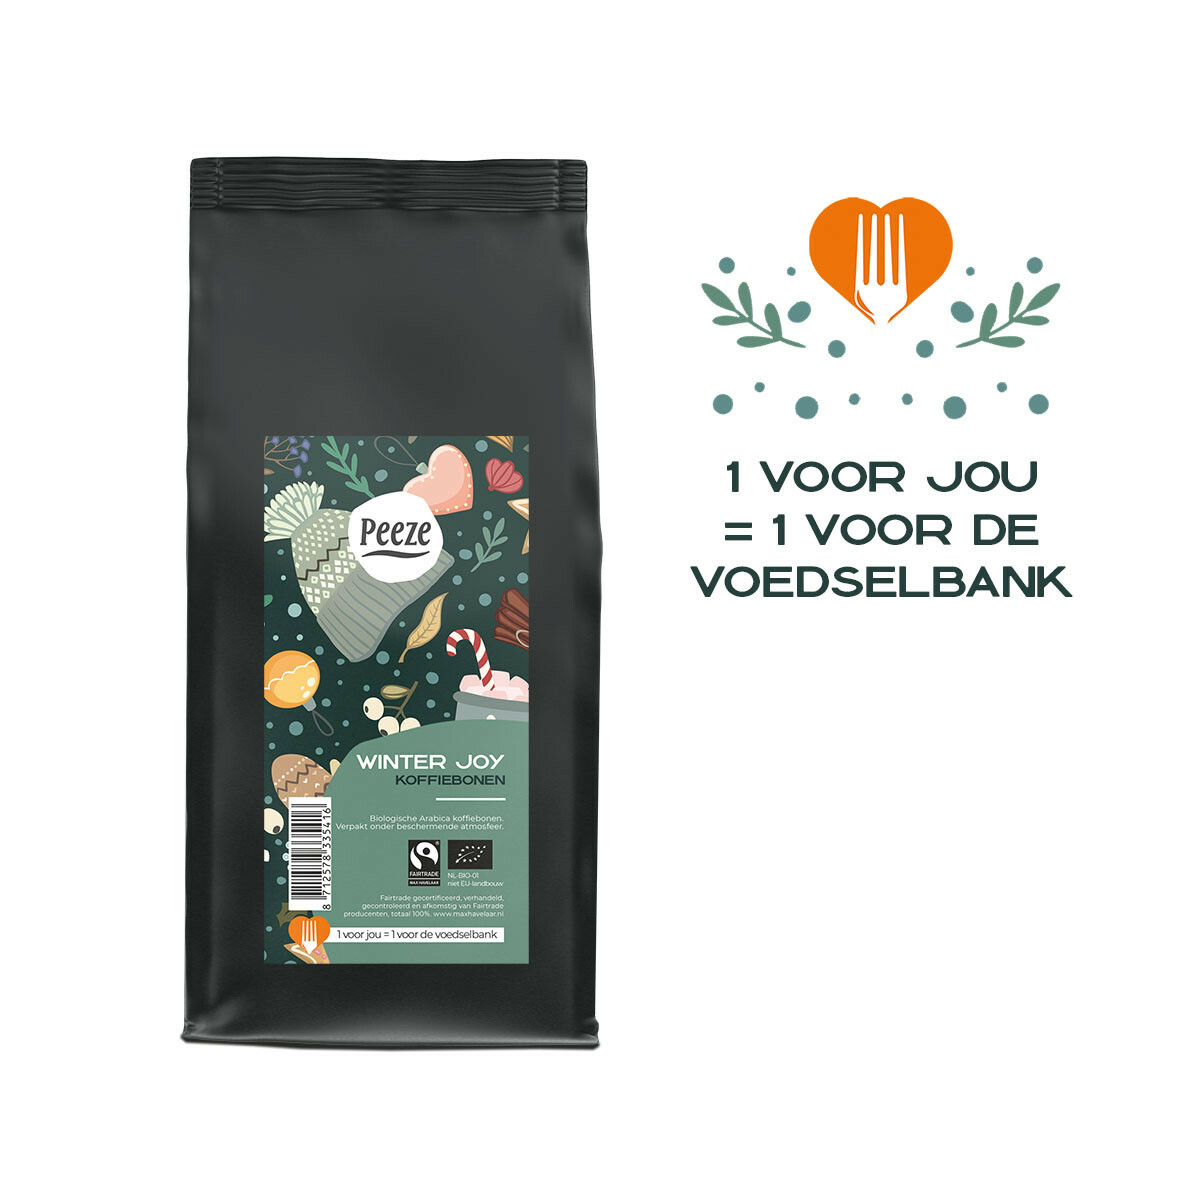 Winter Joy koffie